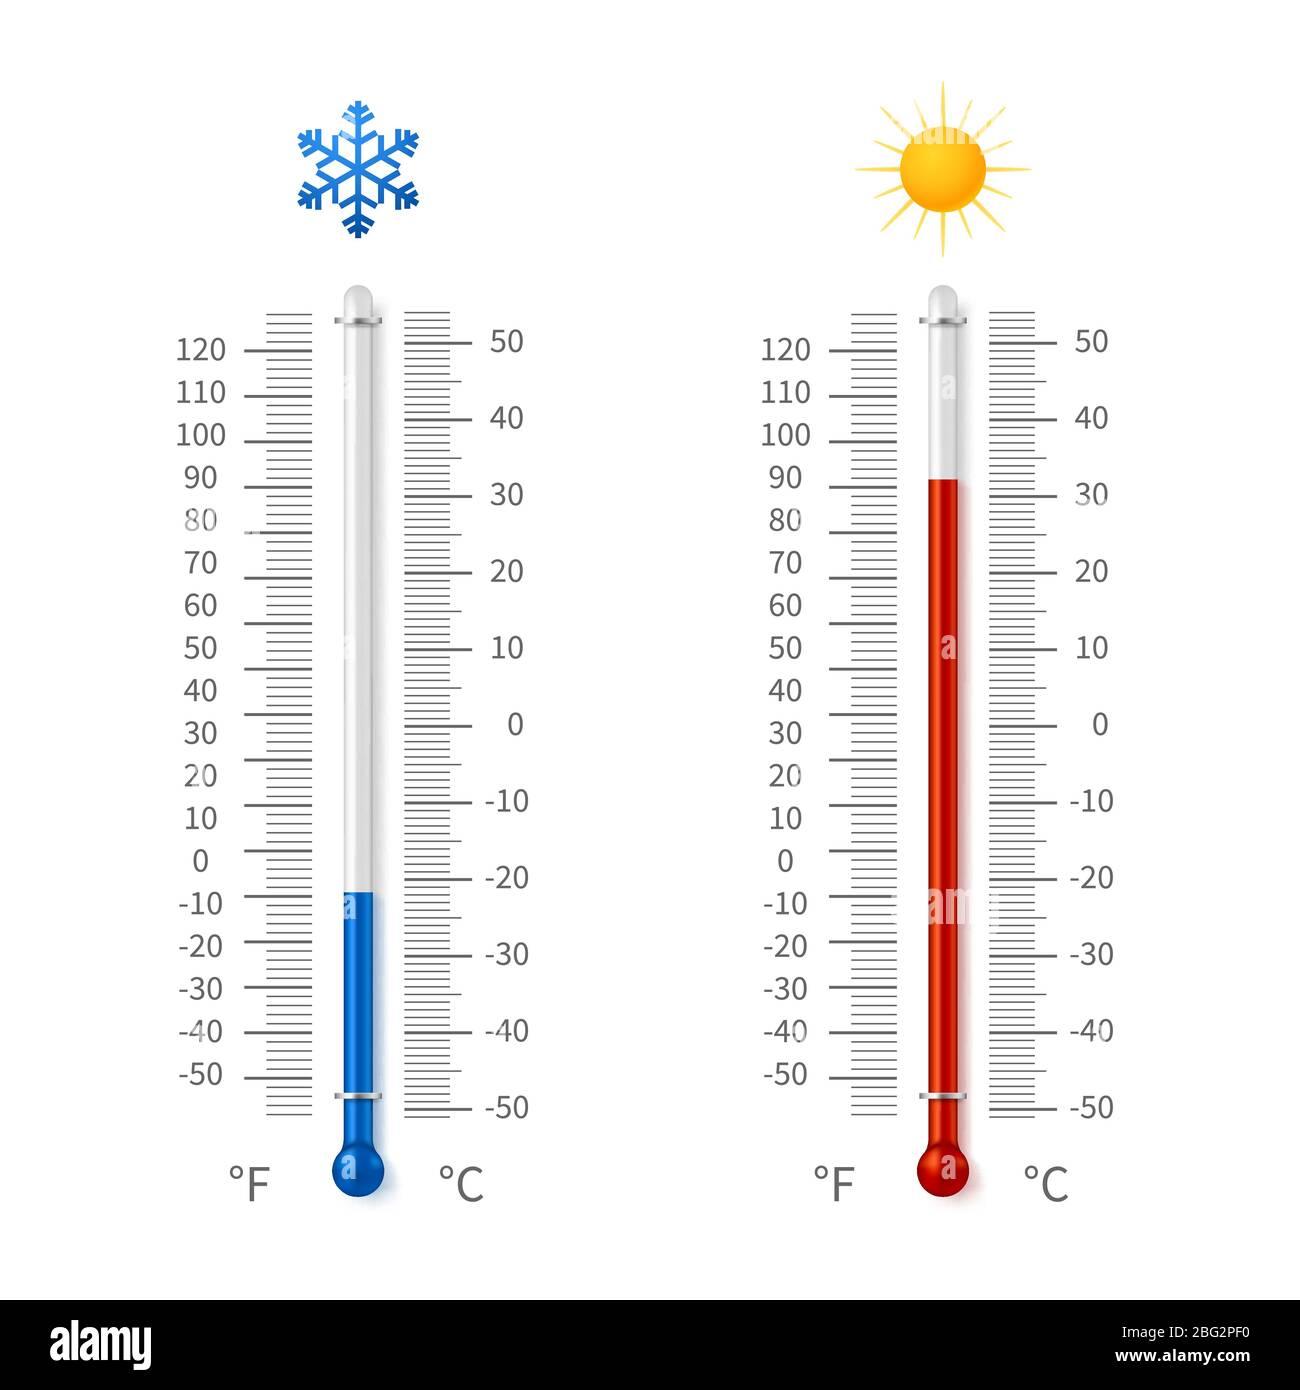 Symbole für die Temperatur bei heißem und kaltem Wetter ...